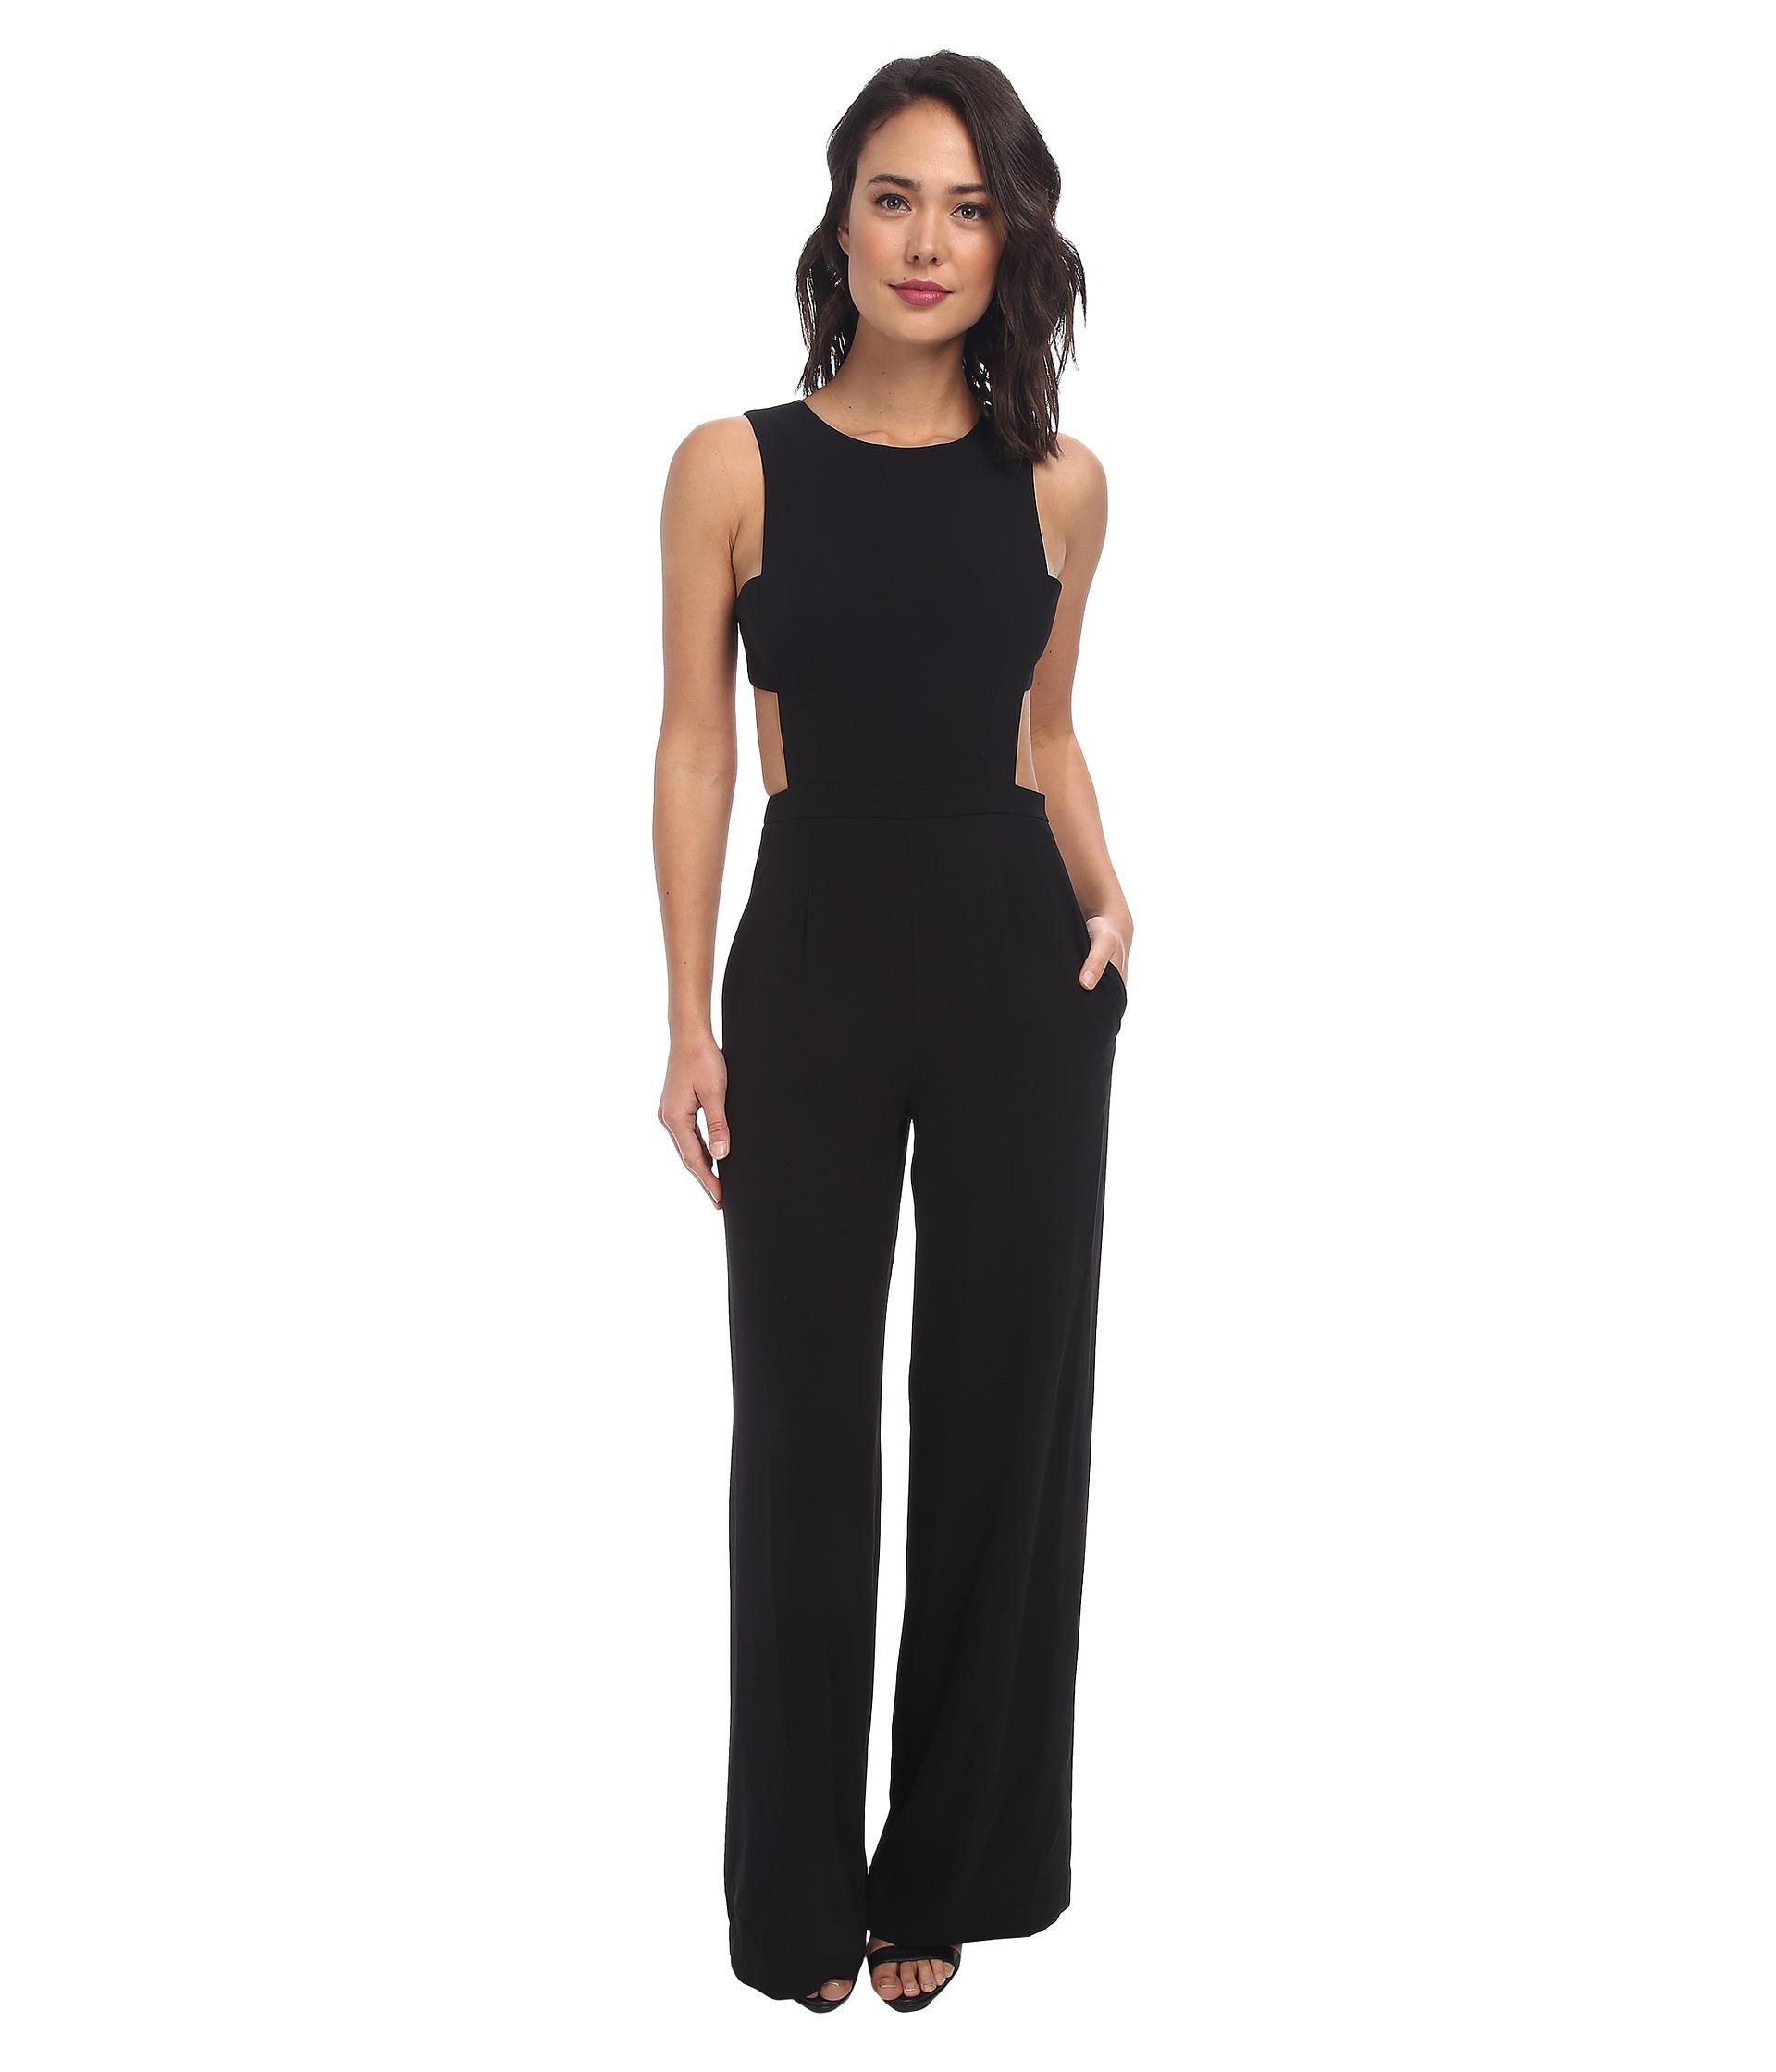 9fd9a56a19e Lyst - BCBGMAXAZRIA Rossana Cutout Back Jumpsuit in Black